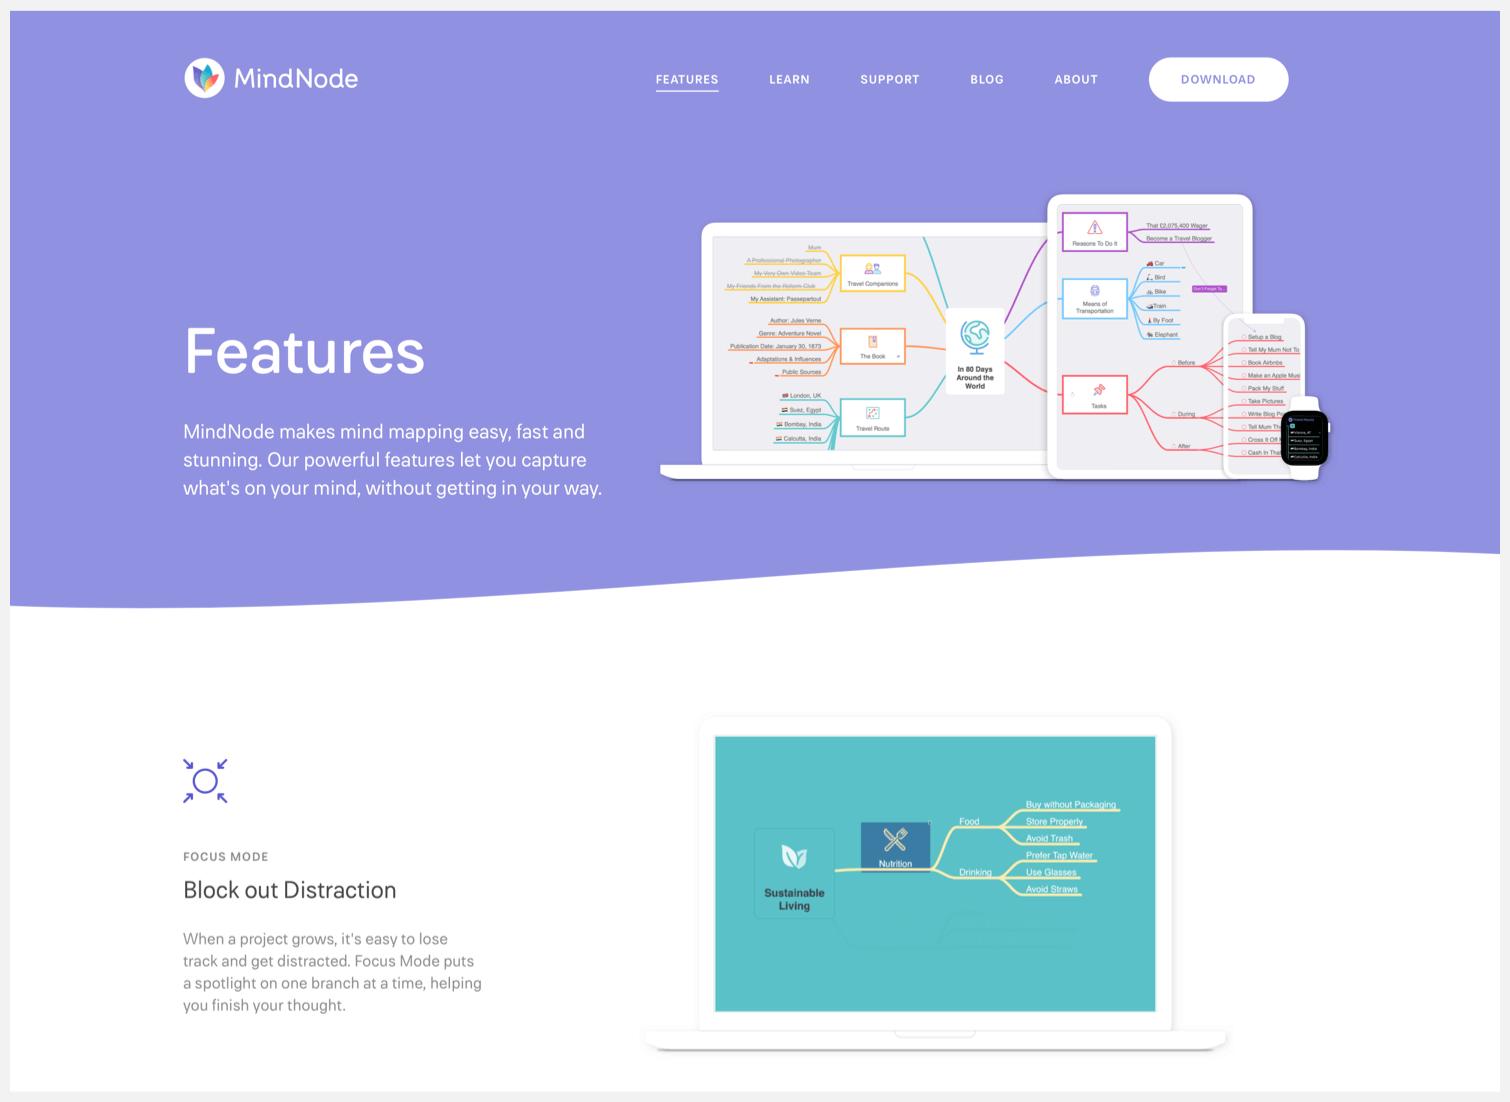 Mindnode homepage